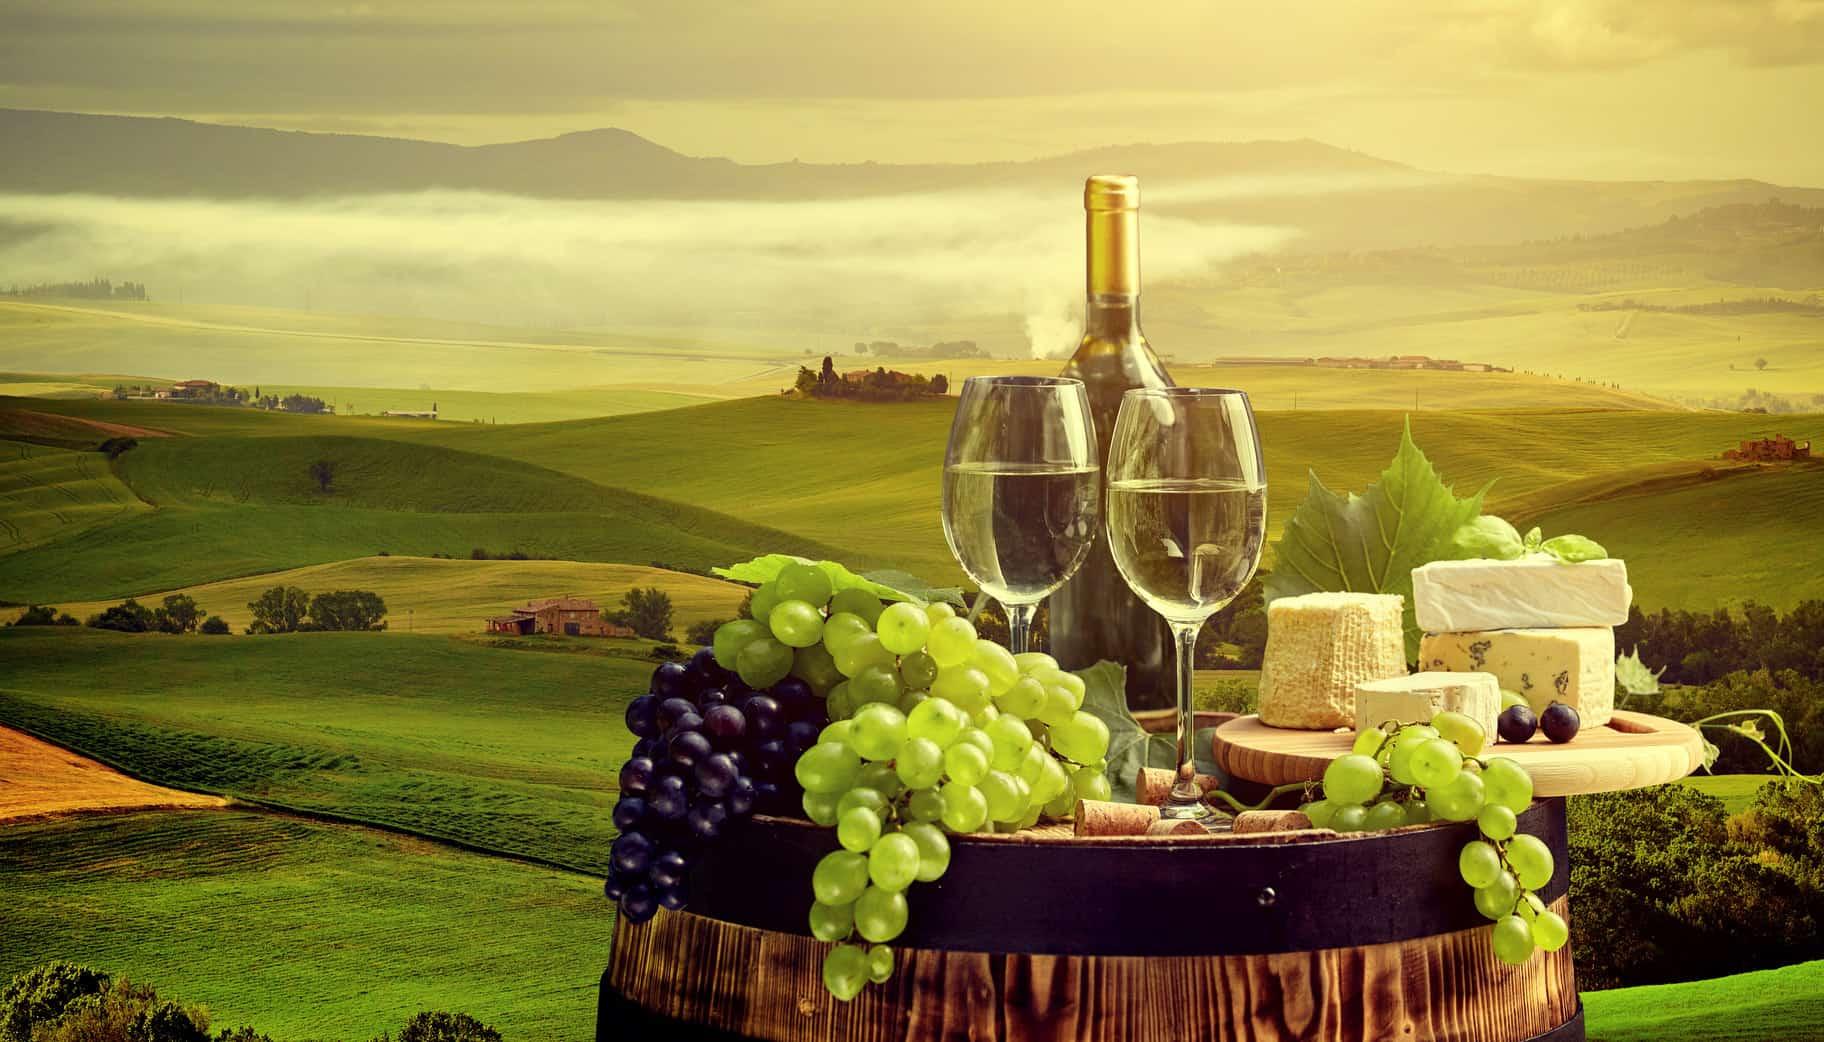 toskańskie wino, owoce i sery z krajobrazem w tle